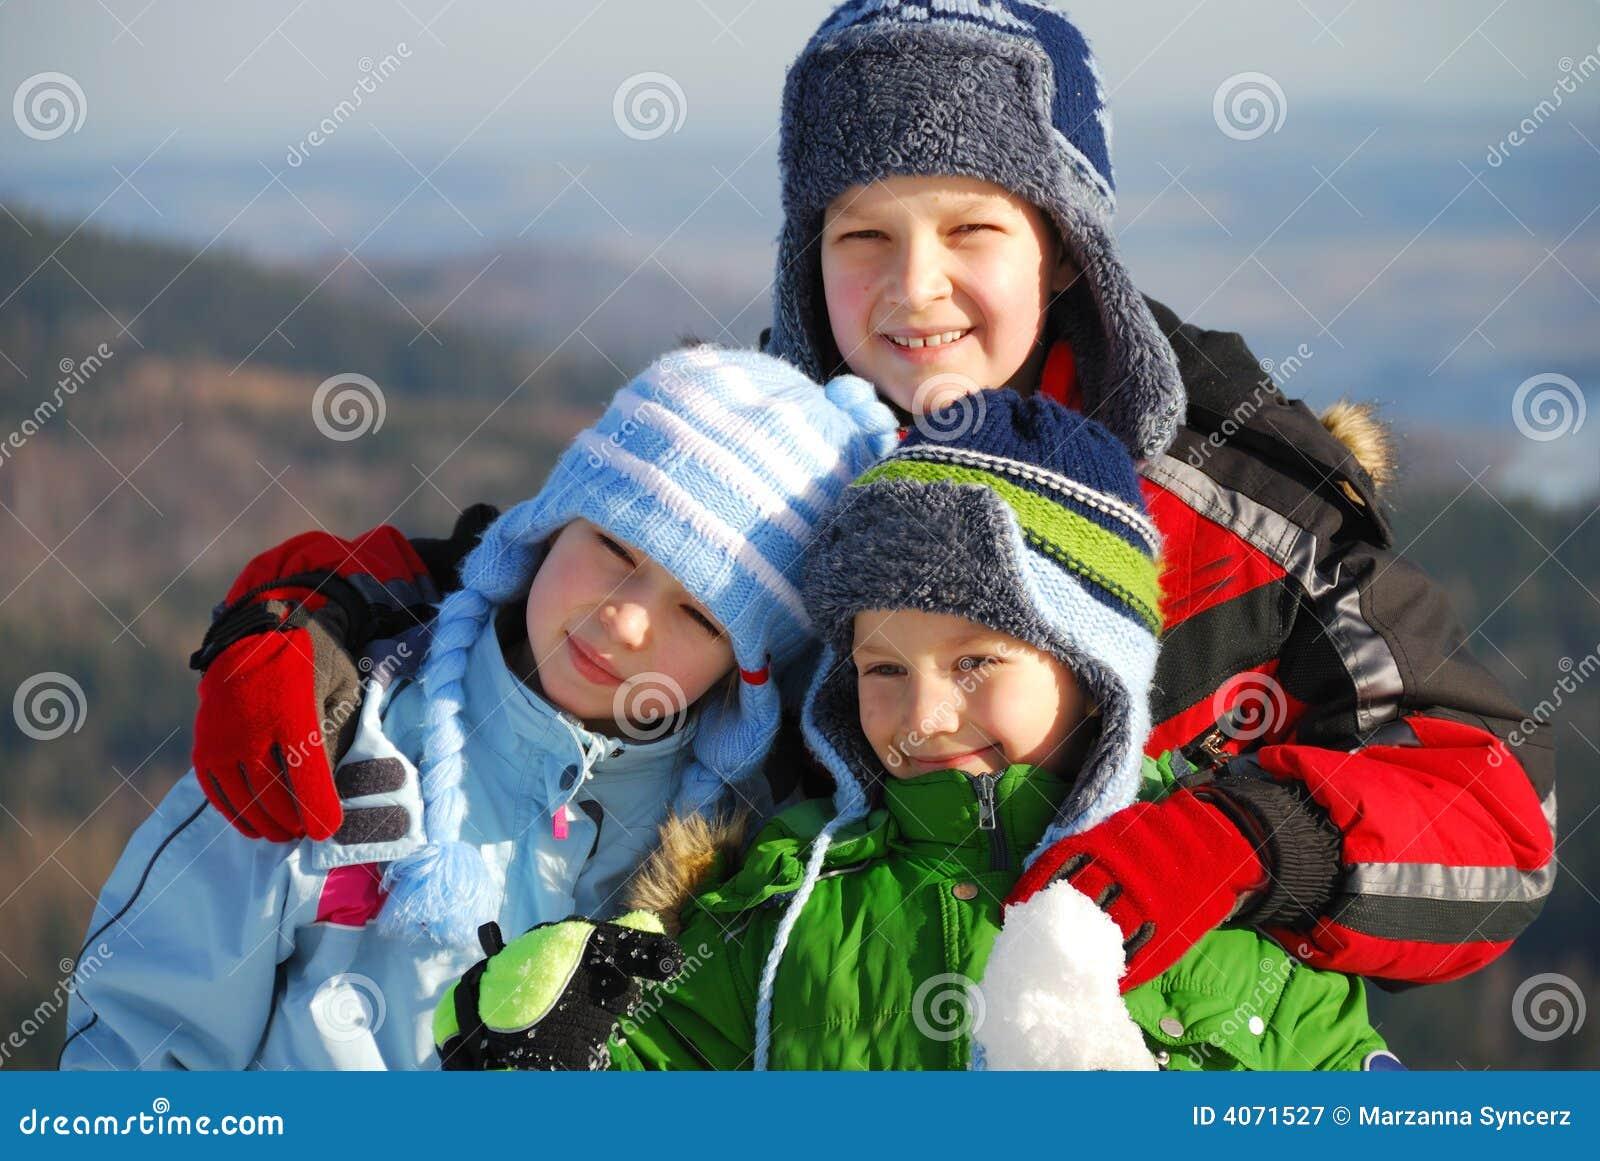 Kinder im Winter.